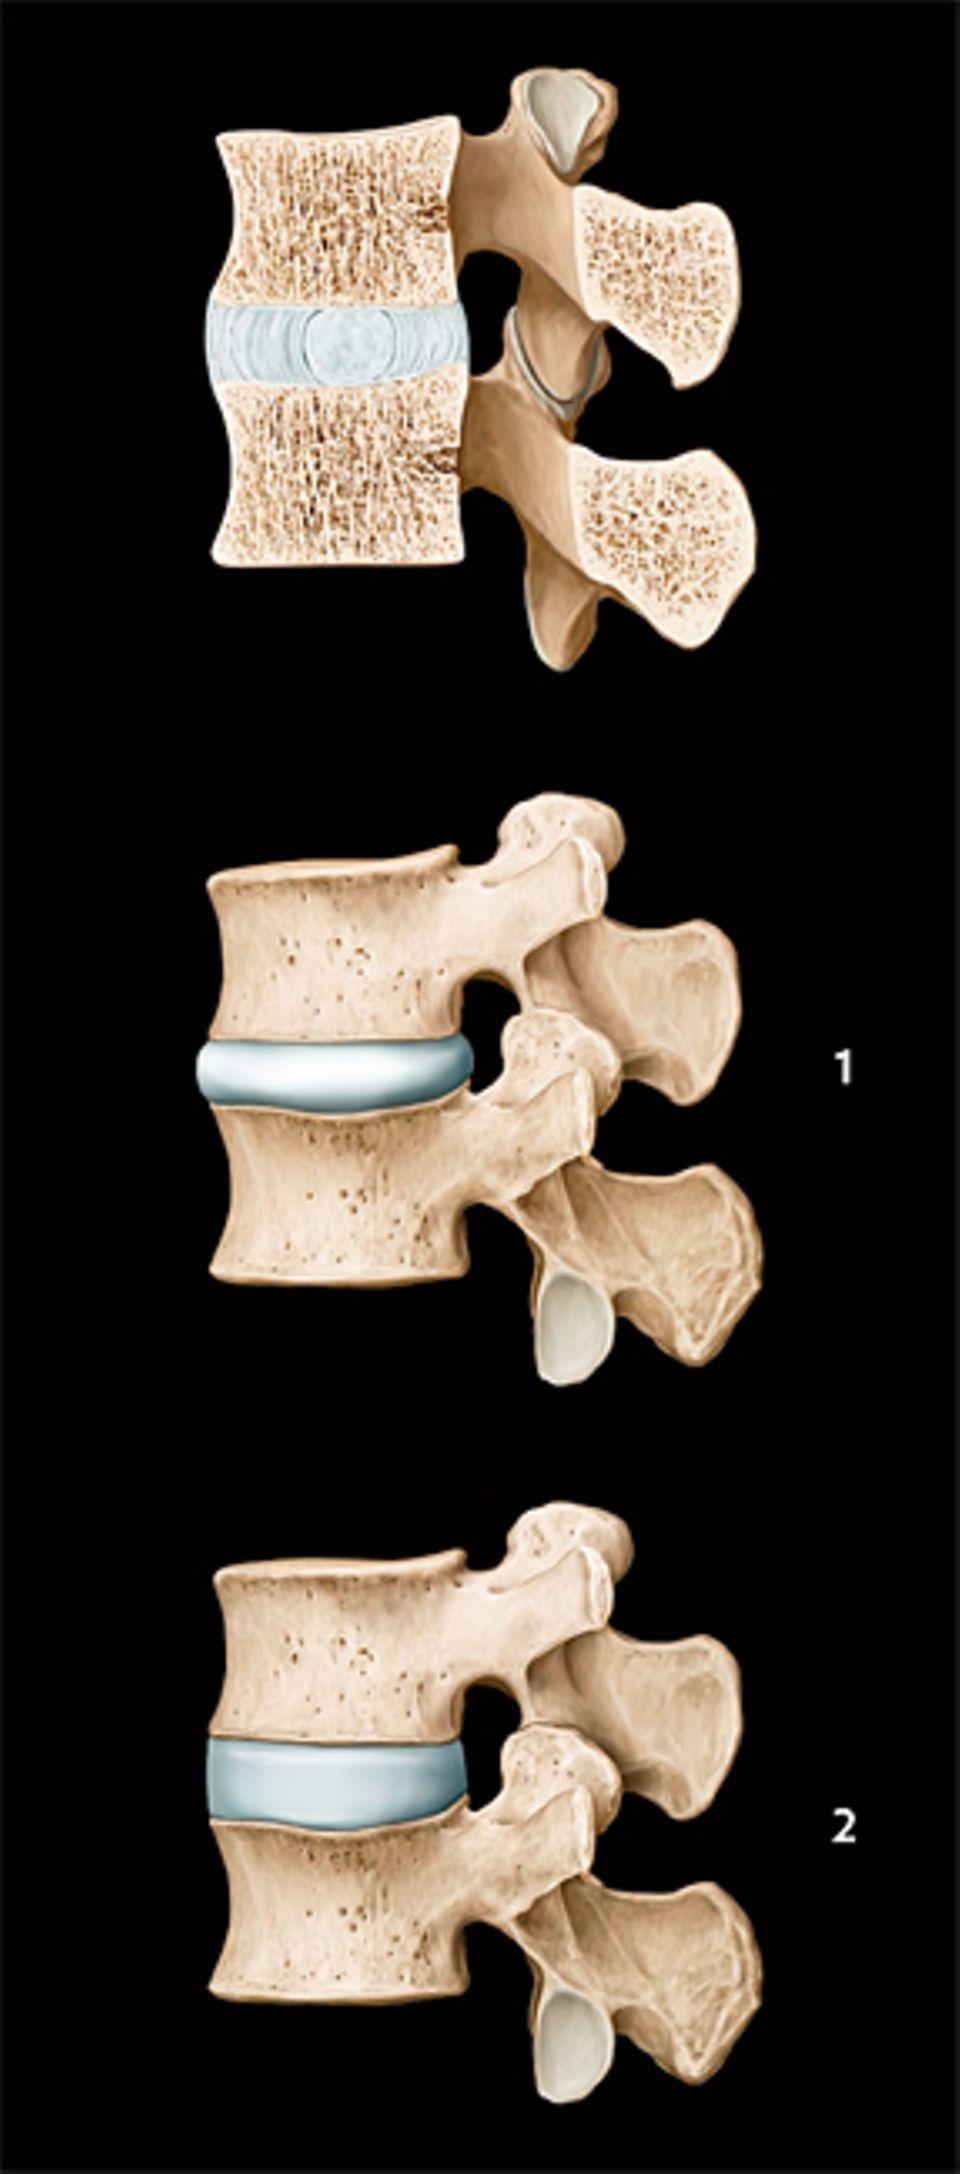 Wirbelsäule: Die Wirbel werden durch die Bandscheiben abgepuffert: elastische Gebilde mit einem gallertartigen Kern und reißfester Hülle. Unter Belastung werden die Bandscheiben zusammengepresst (1) Wird der Rücken wieder entlastet (2), können sich die Dämpfer regenerieren, sie nehmen wie ein Schwamm Nährstoffe und Flüssigkeit auf. Der regelmäßige Wechsel zwischen den beiden Zuständen erhält die Bandscheiben flexibel